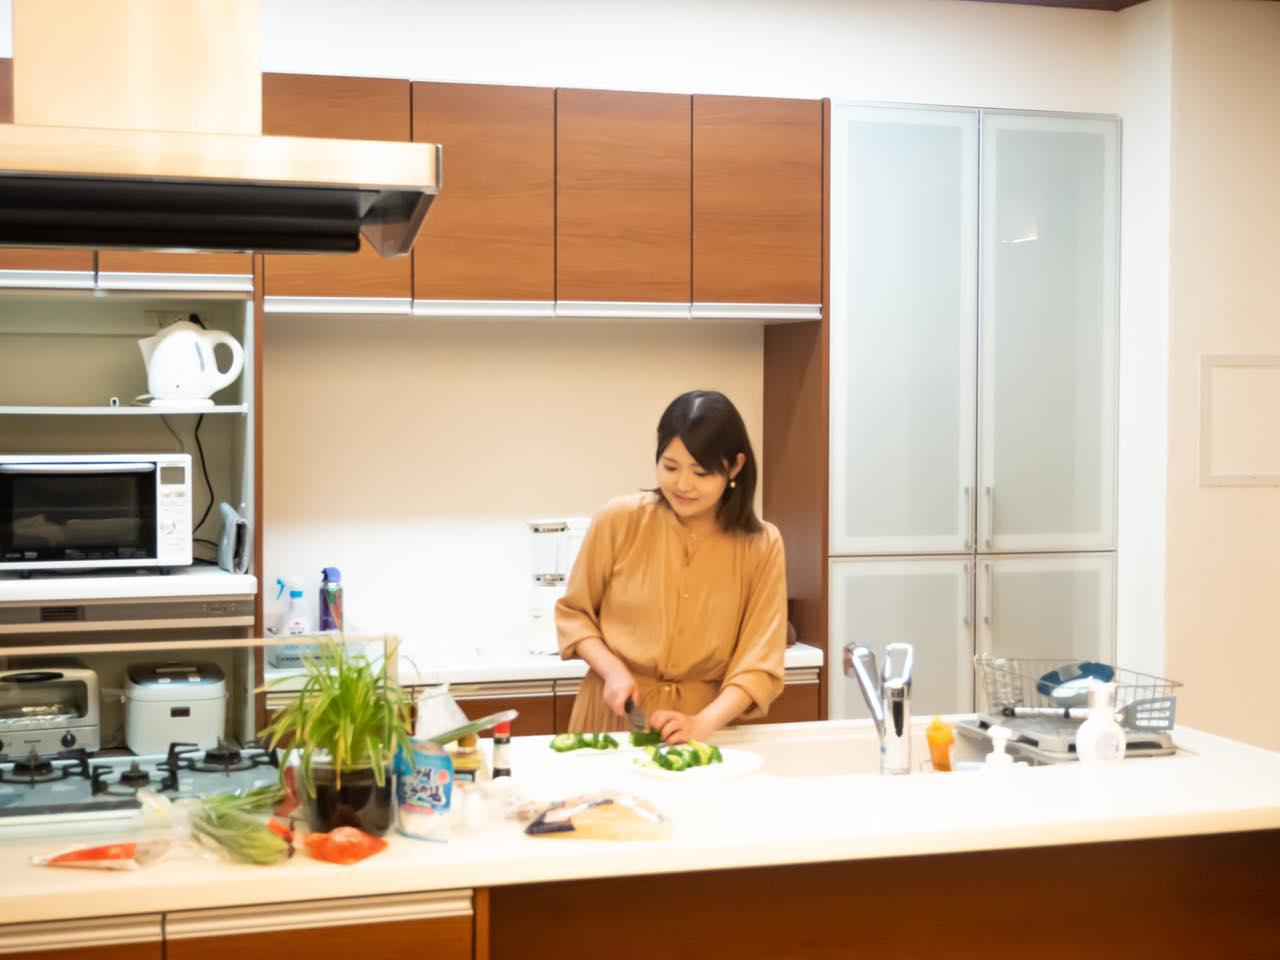 画像1: 地元食材を使った自炊こそ、バケレンの醍醐味